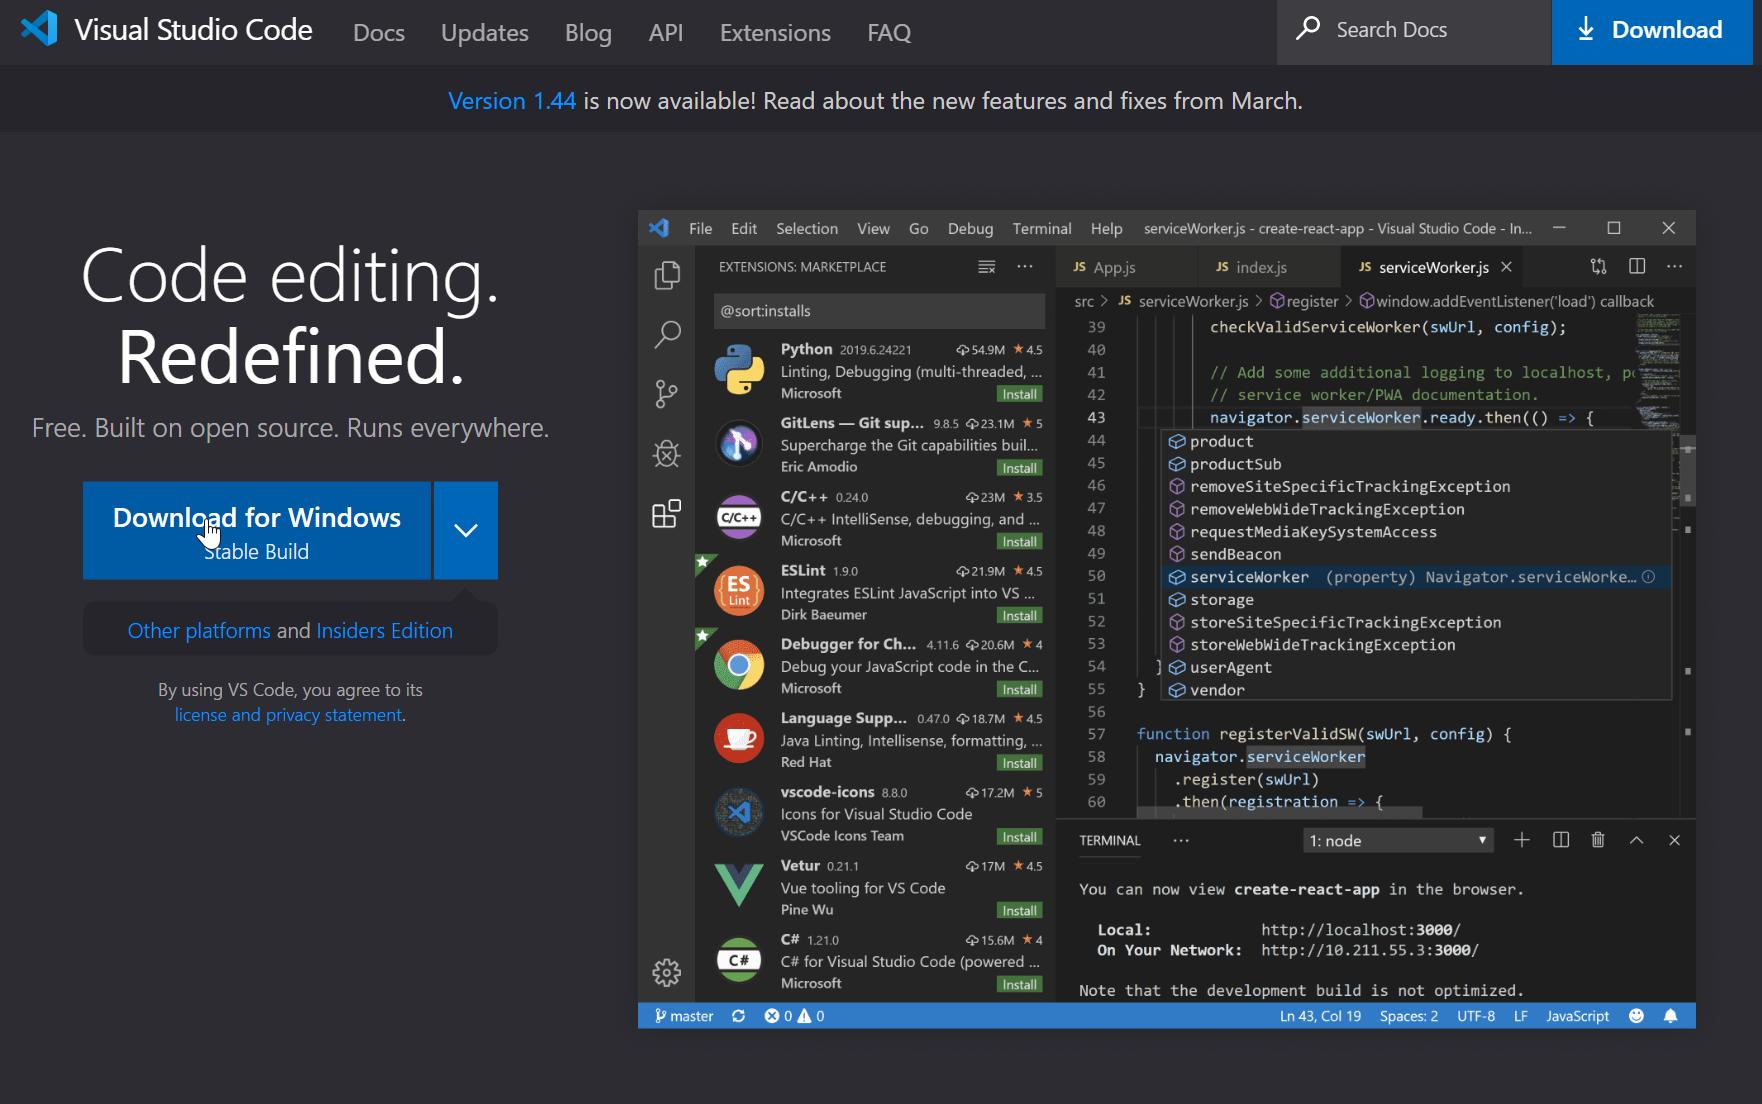 Downloading Visual Studio Code